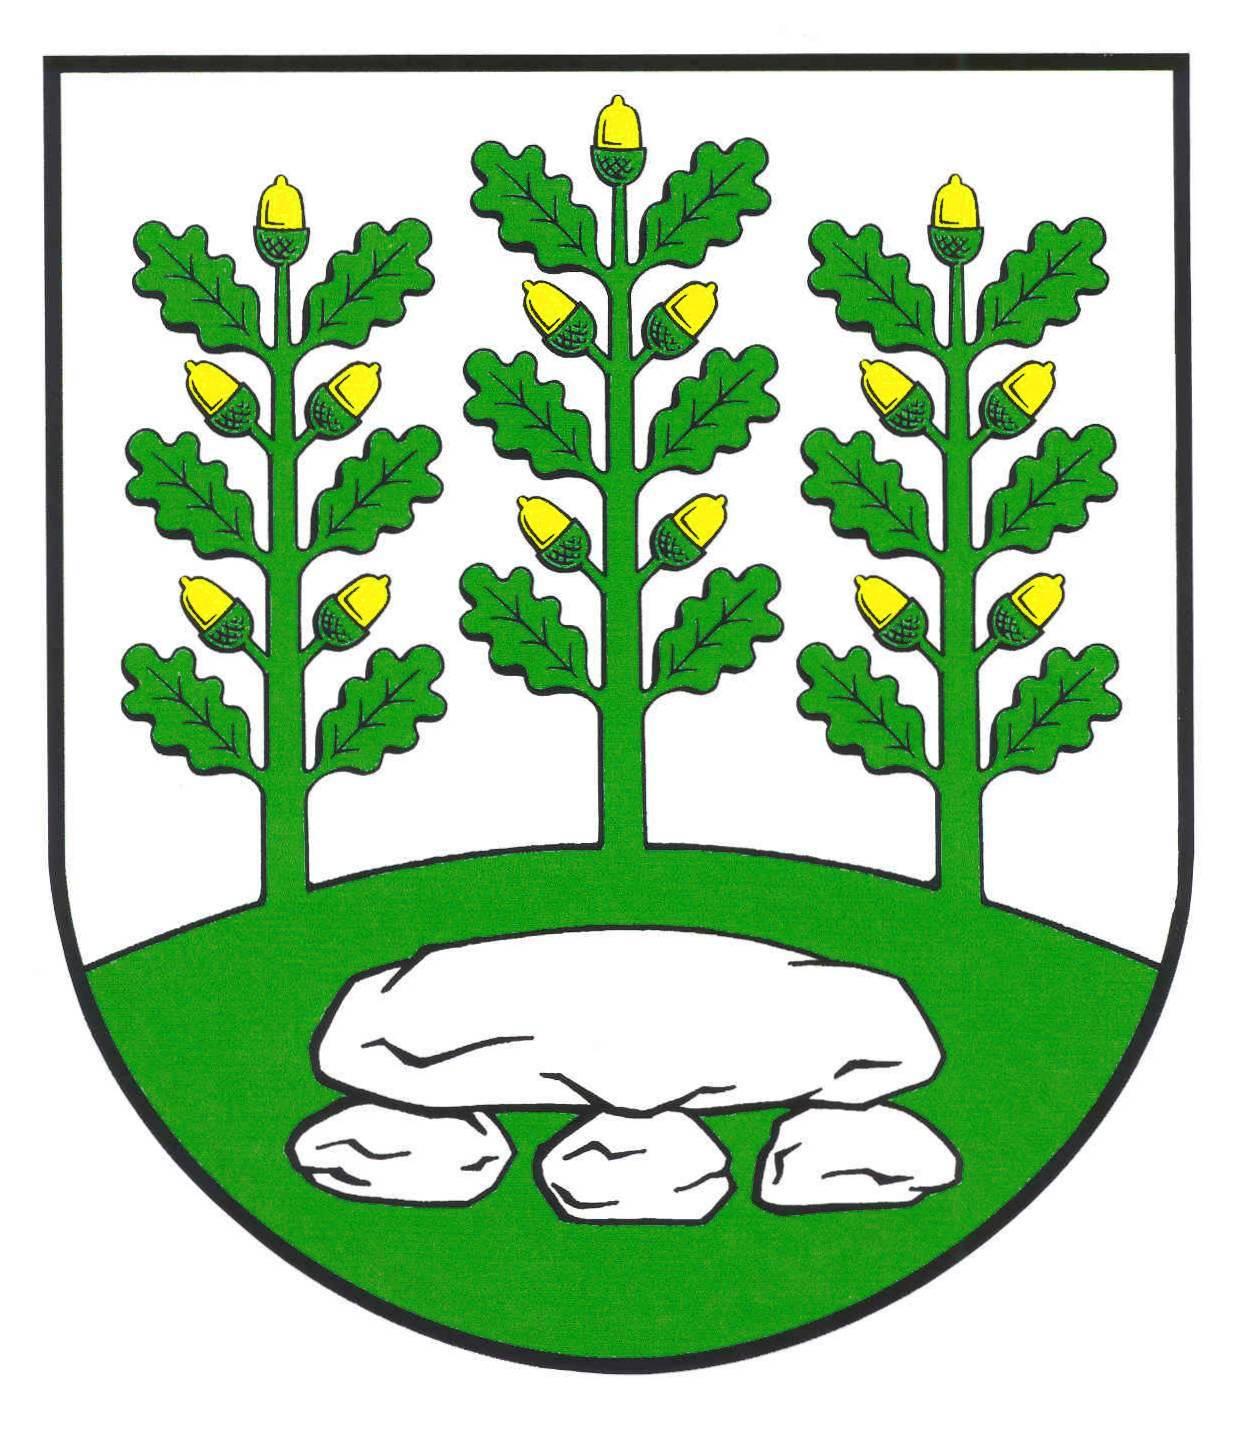 Wappen GemeindeOeschebüttel, Kreis Steinburg